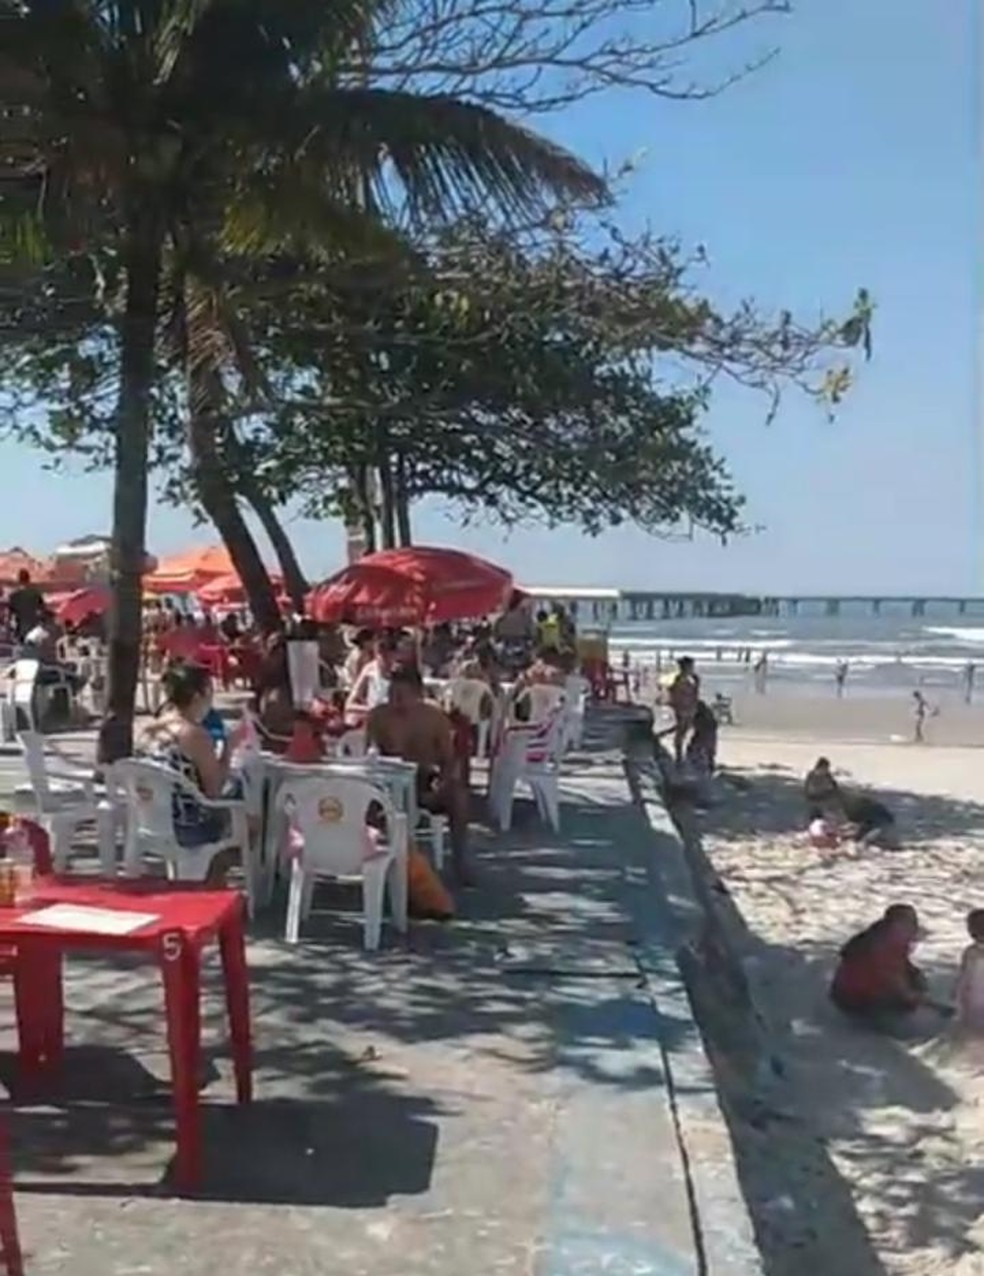 Mongaguá, SP, também registrou aglomeração no calçadão — Foto: Reprodução/ Praia Grande Mil Grau